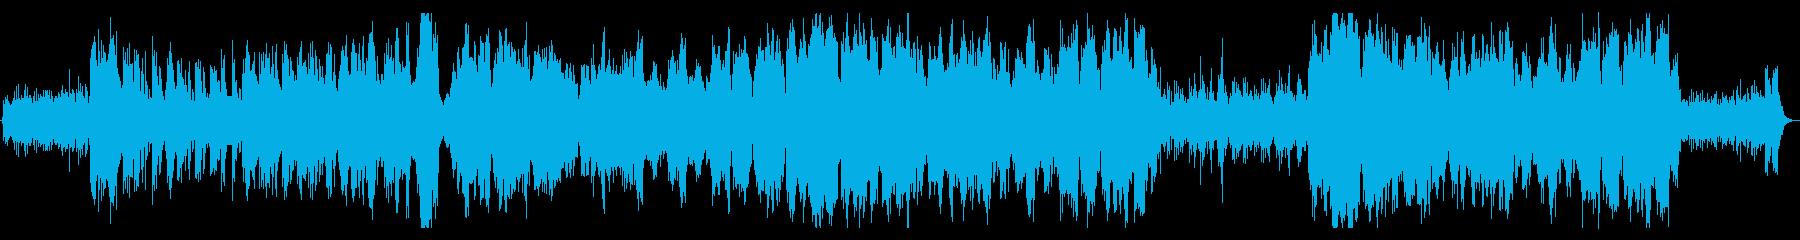 【リズム・コーラス無し】オーケスト…冒険の再生済みの波形